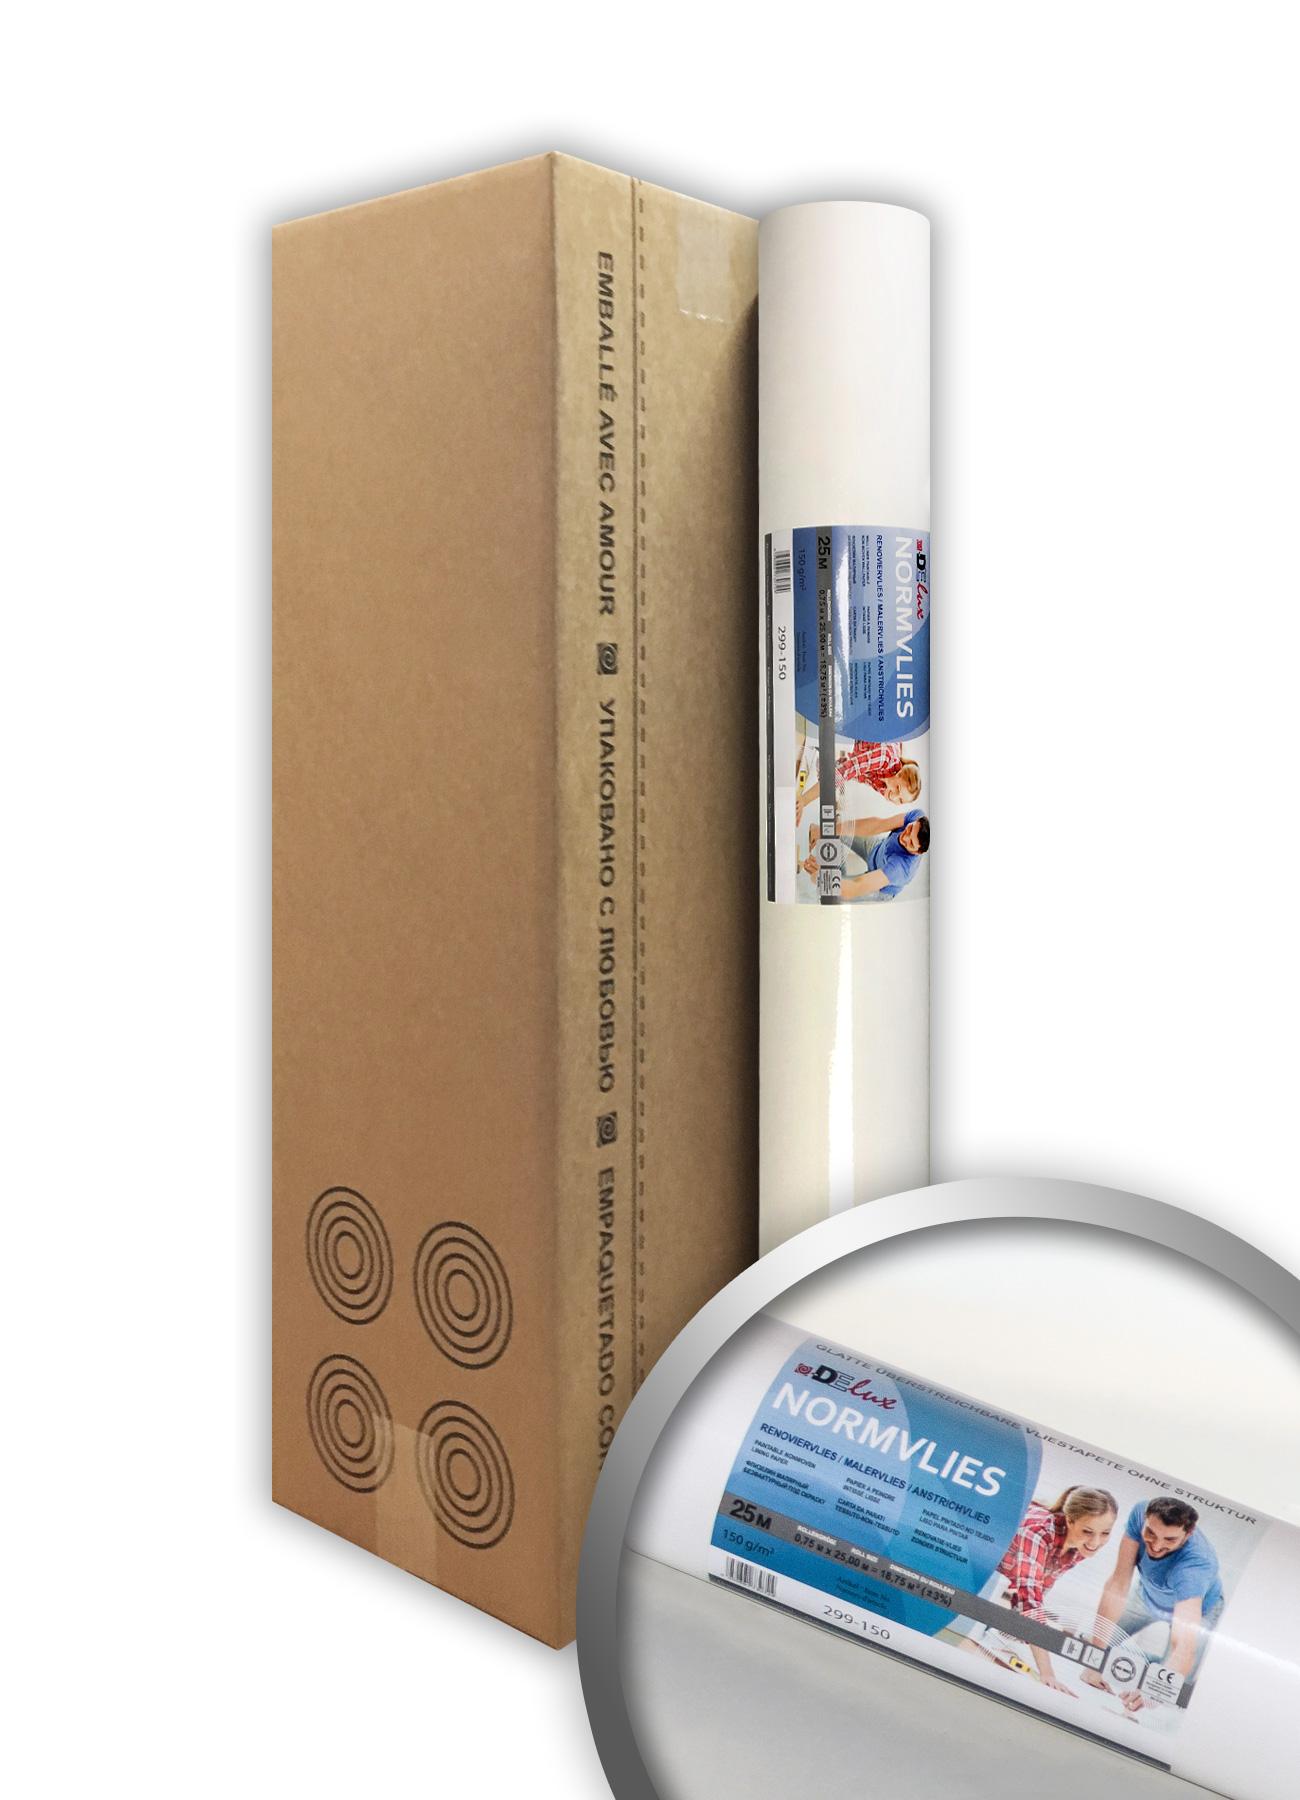 Carta Da Parati Verniciabile rivestimento murale tnt verniciabile 150 g profhome normvlies 299-150 carta  fodera liscia in tessuto non tessuto | 4 rotoli 75 m2 | profhome negozio